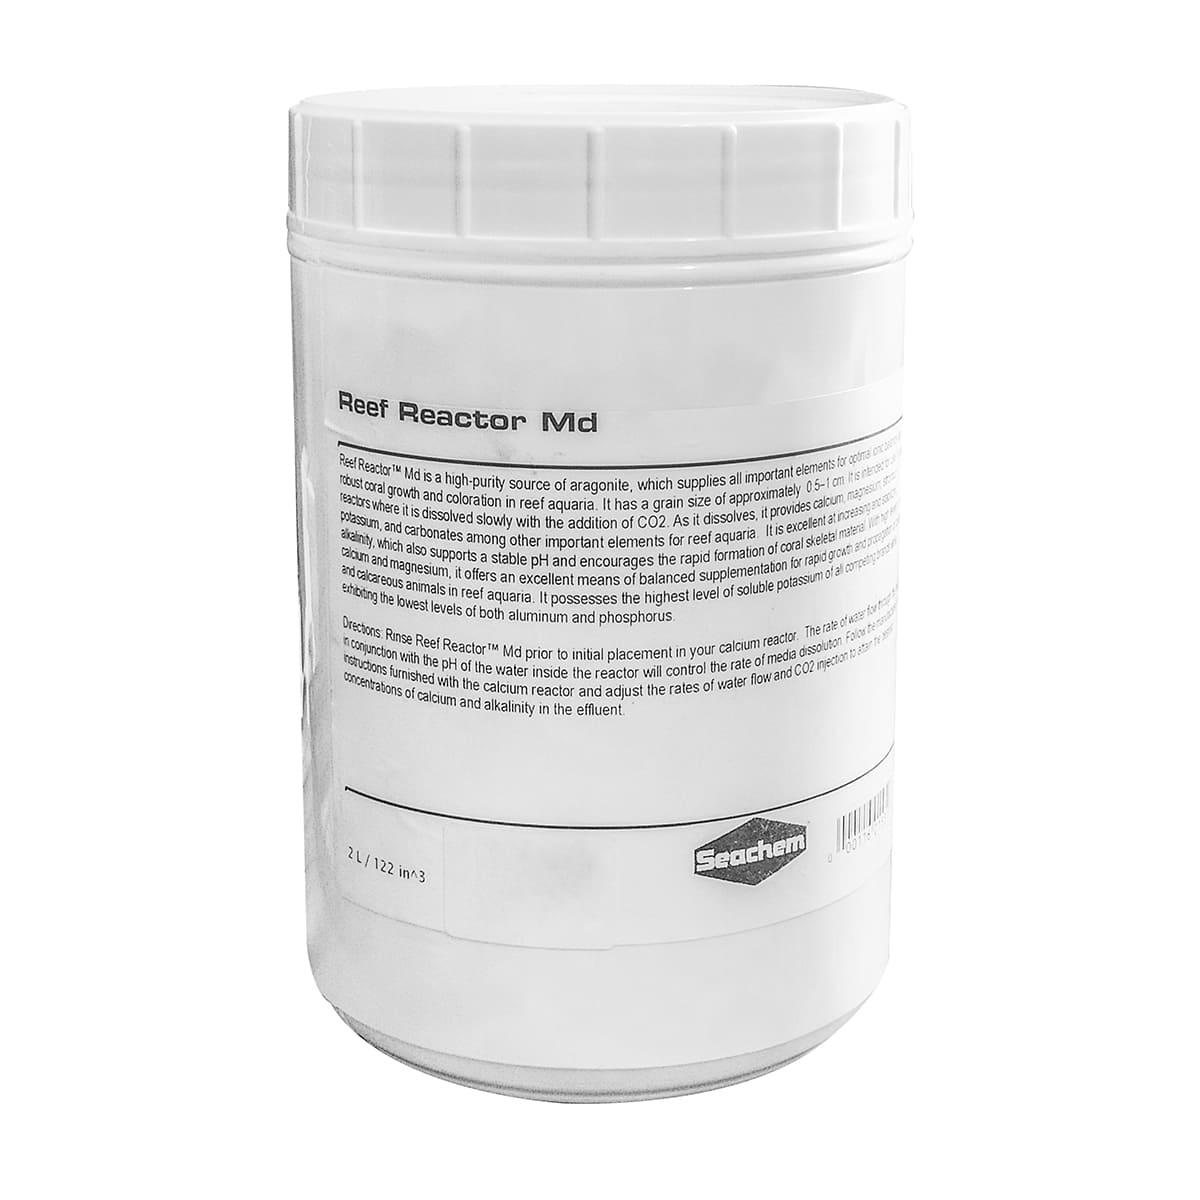 Seachem Reef Reactor MD 2L Mídia para Reator de Cálcio